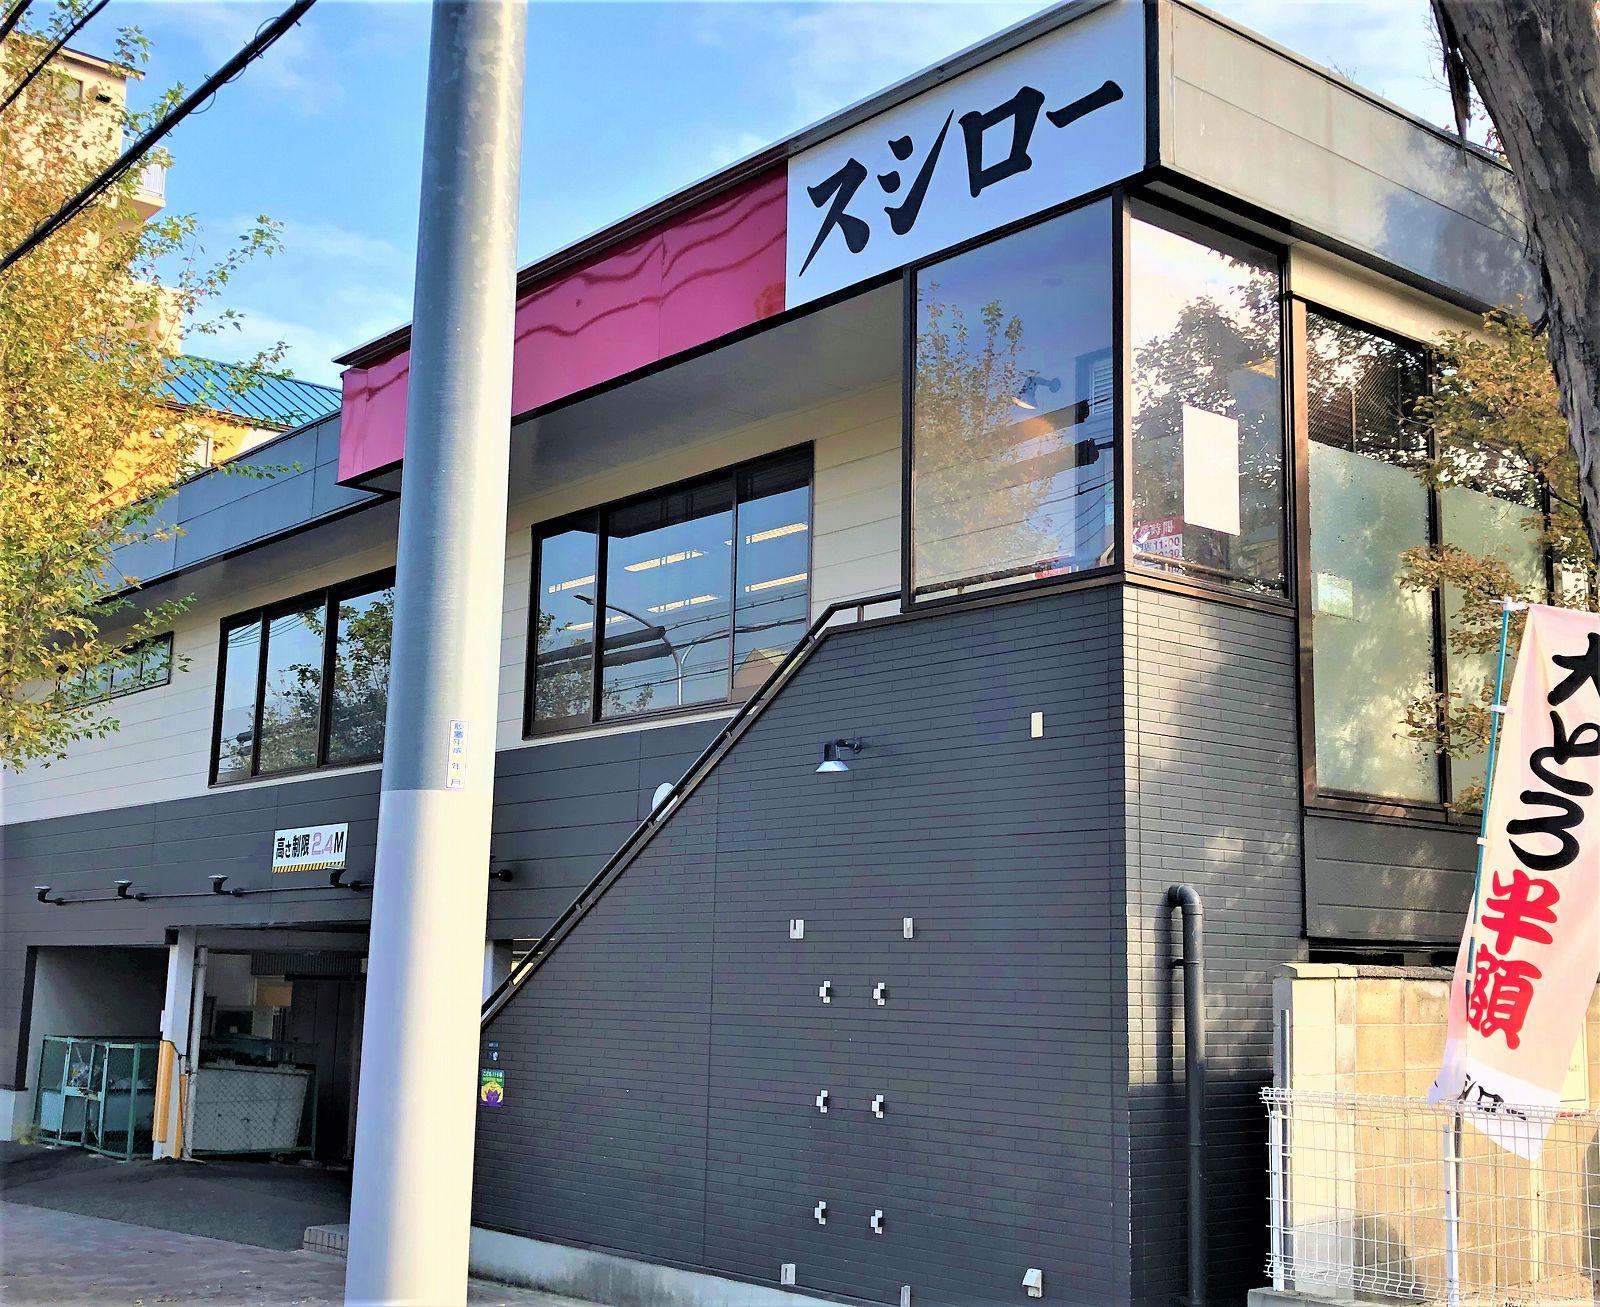 スシロー東灘店が12月16日(日)で閉店します! #スシロー東灘店 #スシロー #東灘区 #甲南山手 #閉店情報 #回転すし